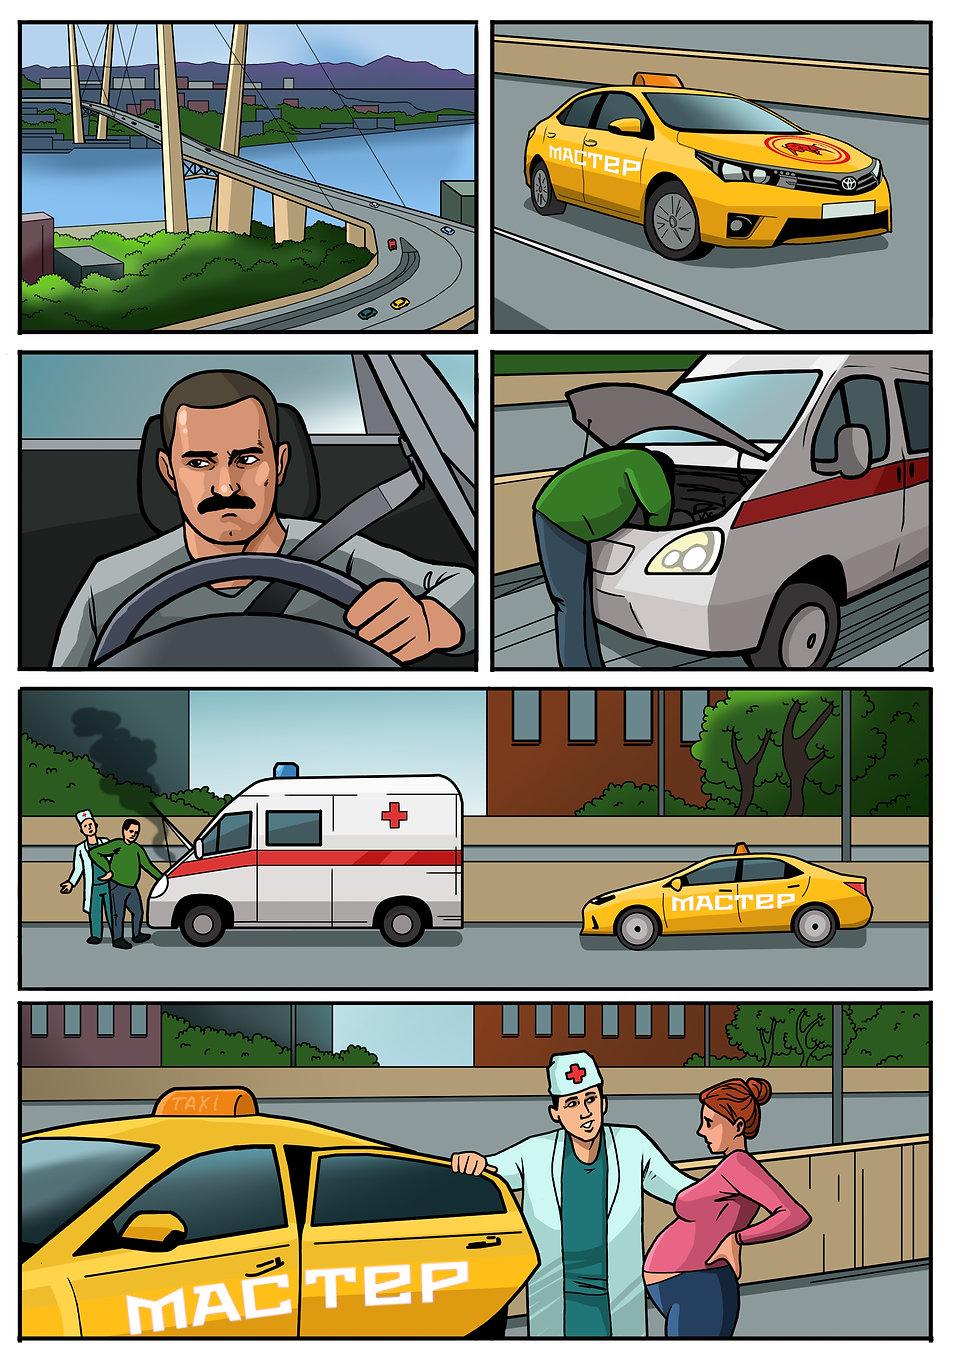 Комикс для рекламы. Такси Мастер. с1